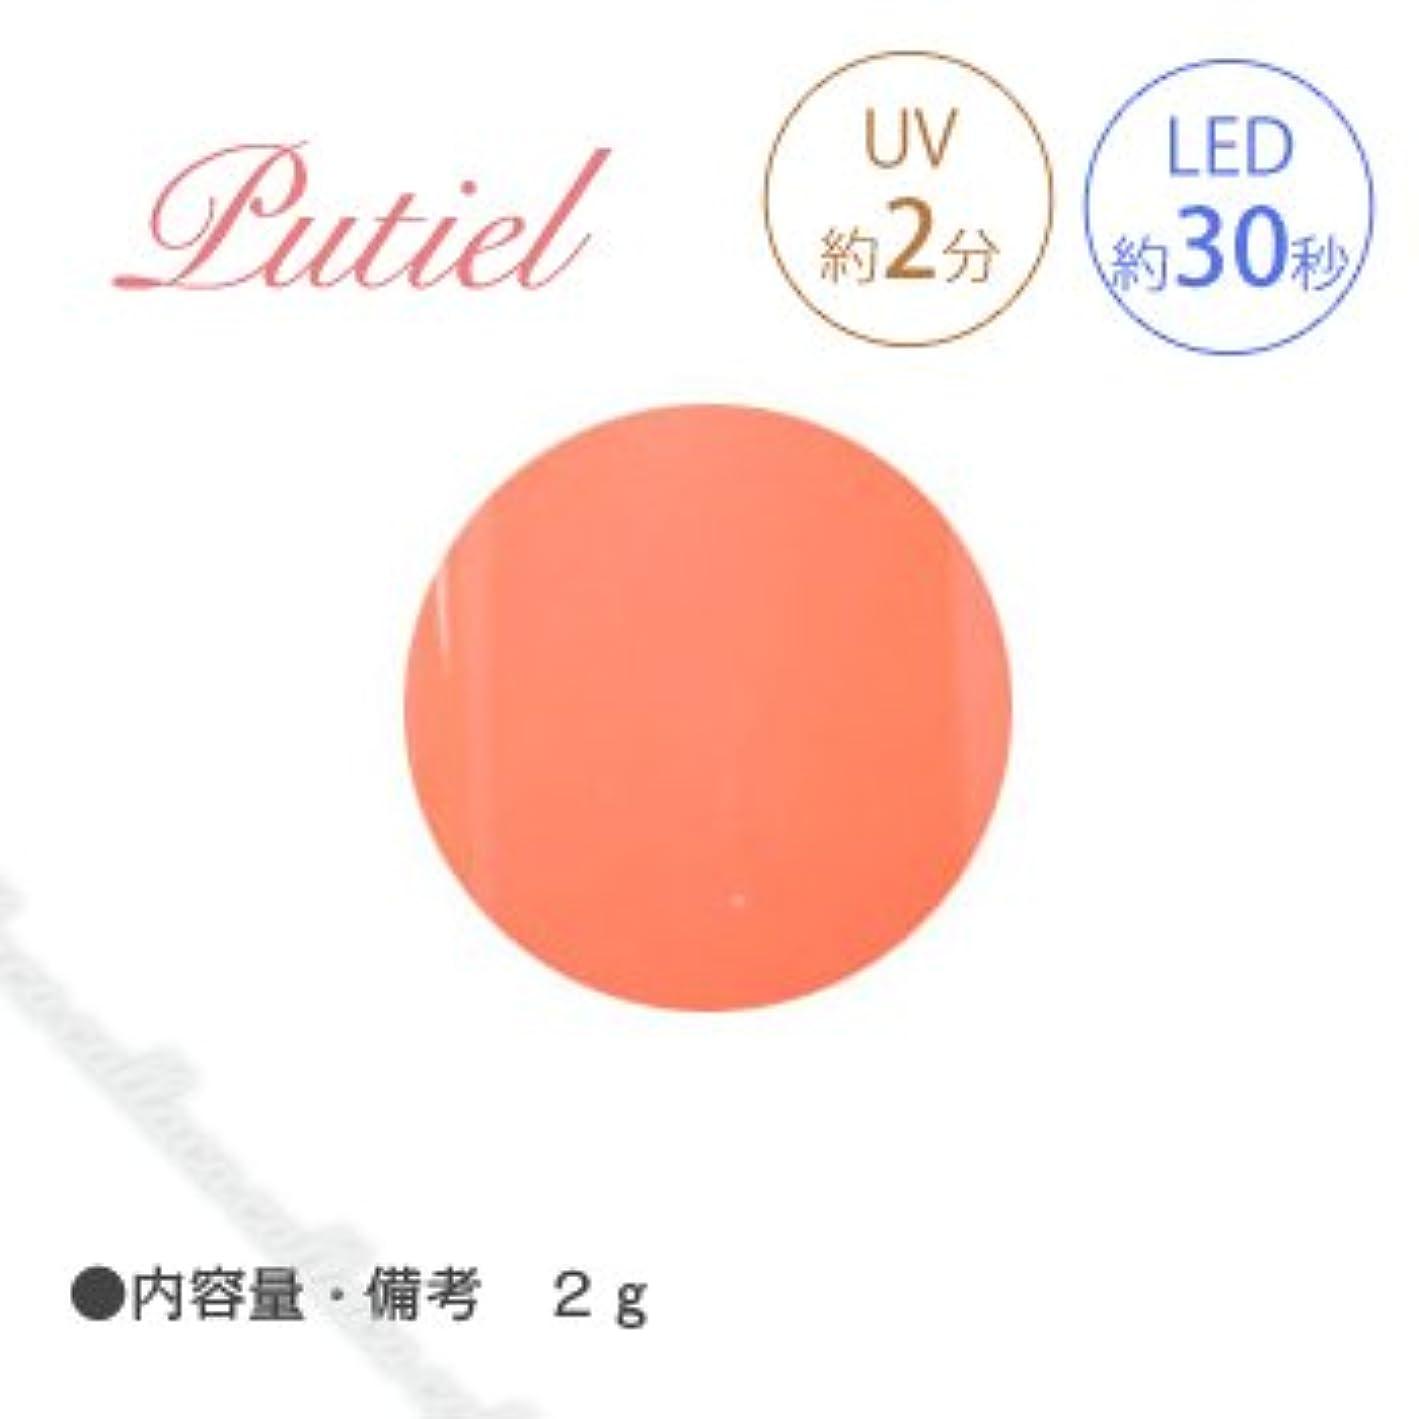 気質淡い目を覚ますPutiel プティール カラージェル 107 ビタミンオレンジ 2g